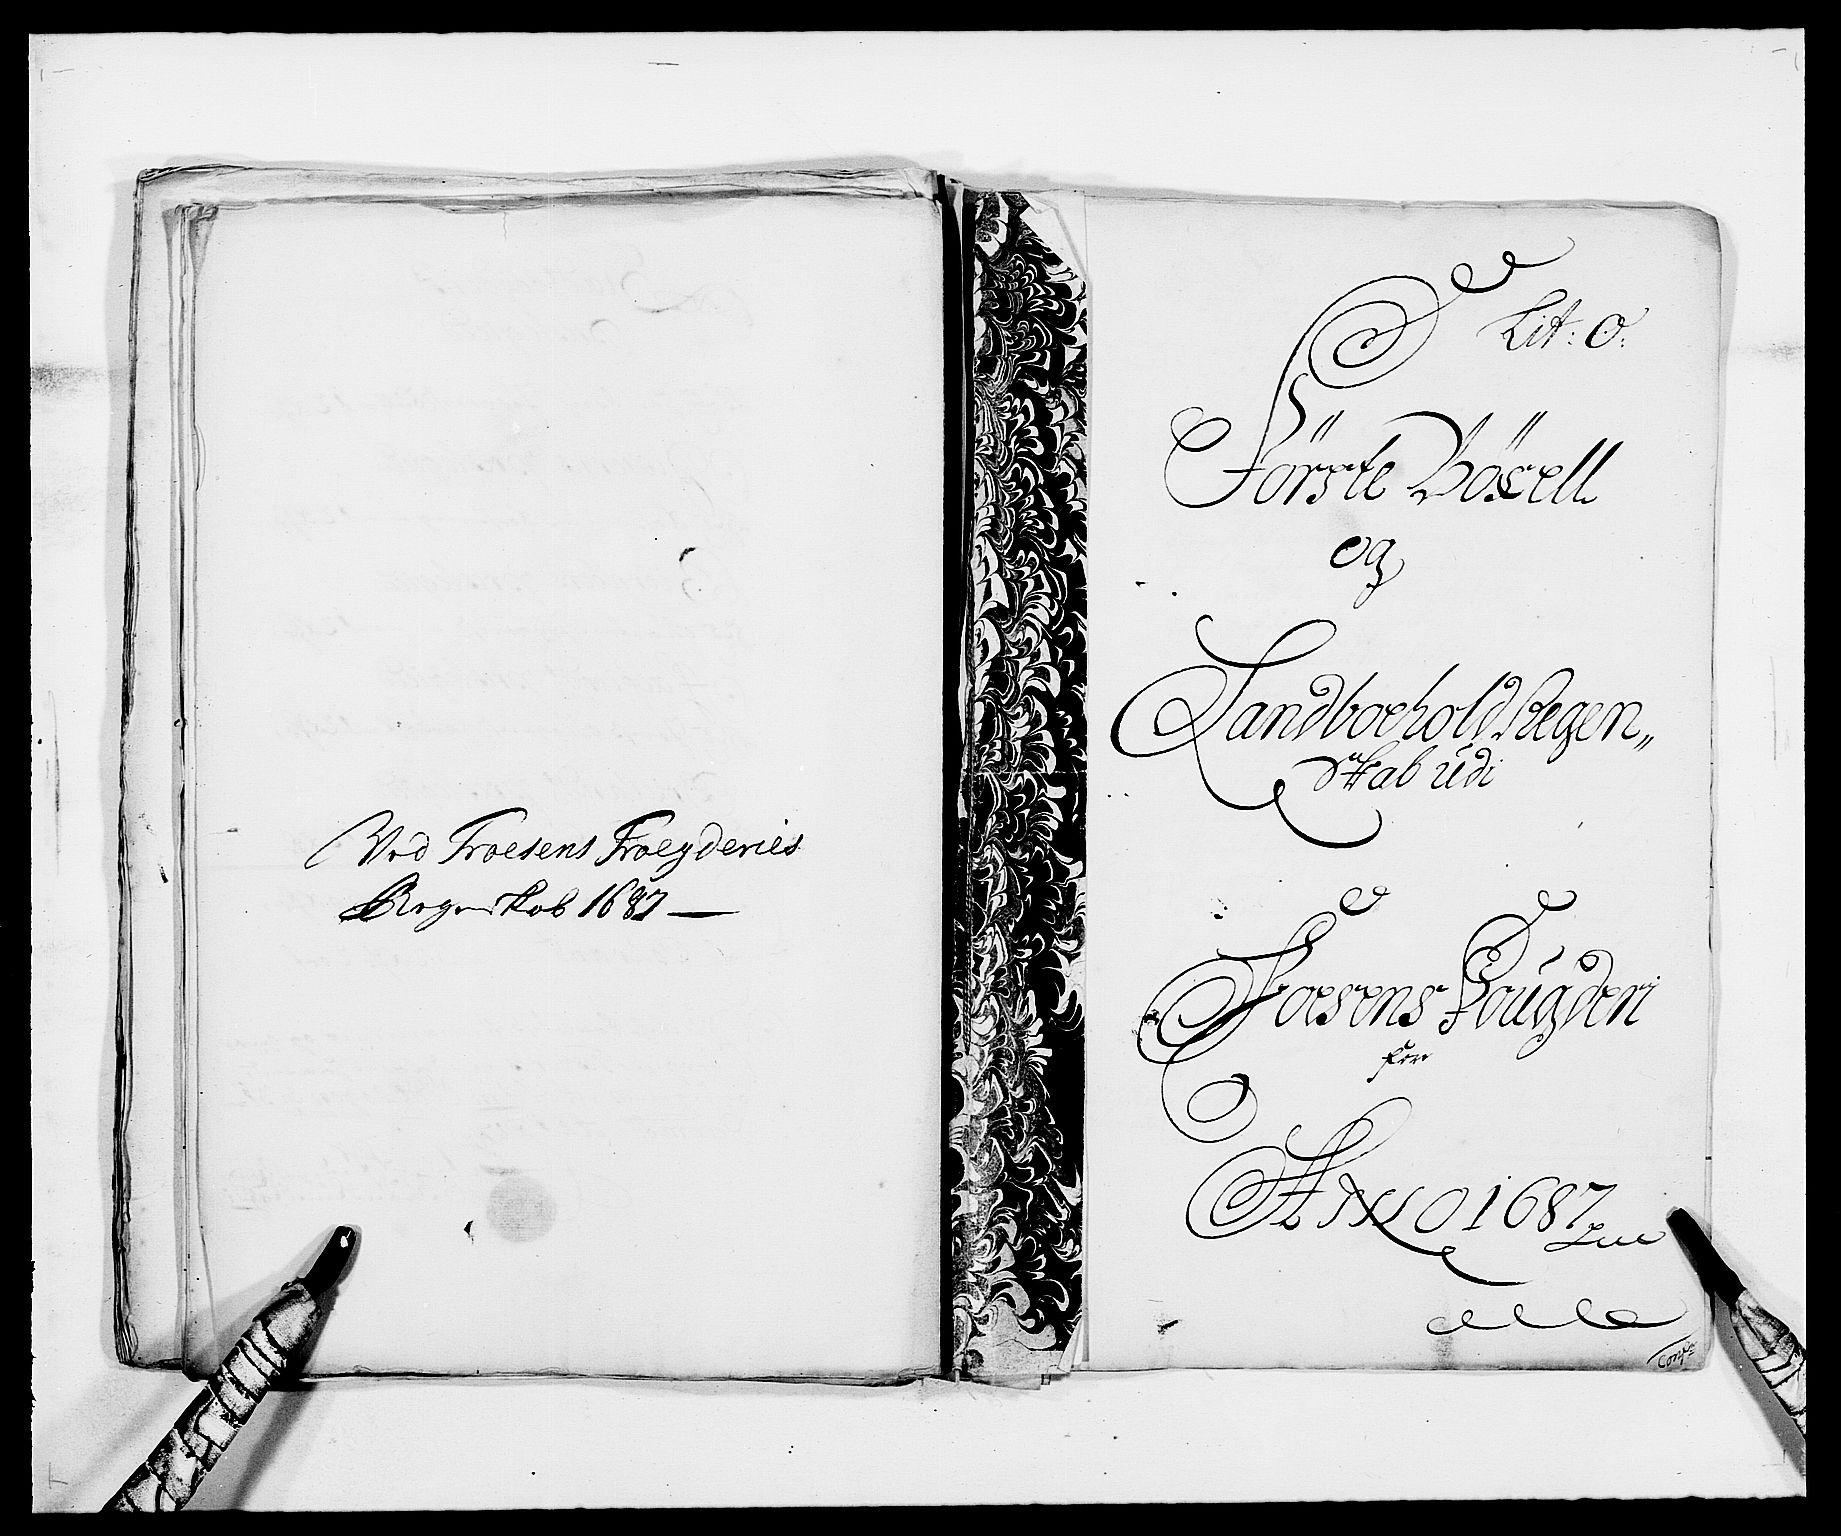 RA, Rentekammeret inntil 1814, Reviderte regnskaper, Fogderegnskap, R57/L3845: Fogderegnskap Fosen, 1687, s. 138